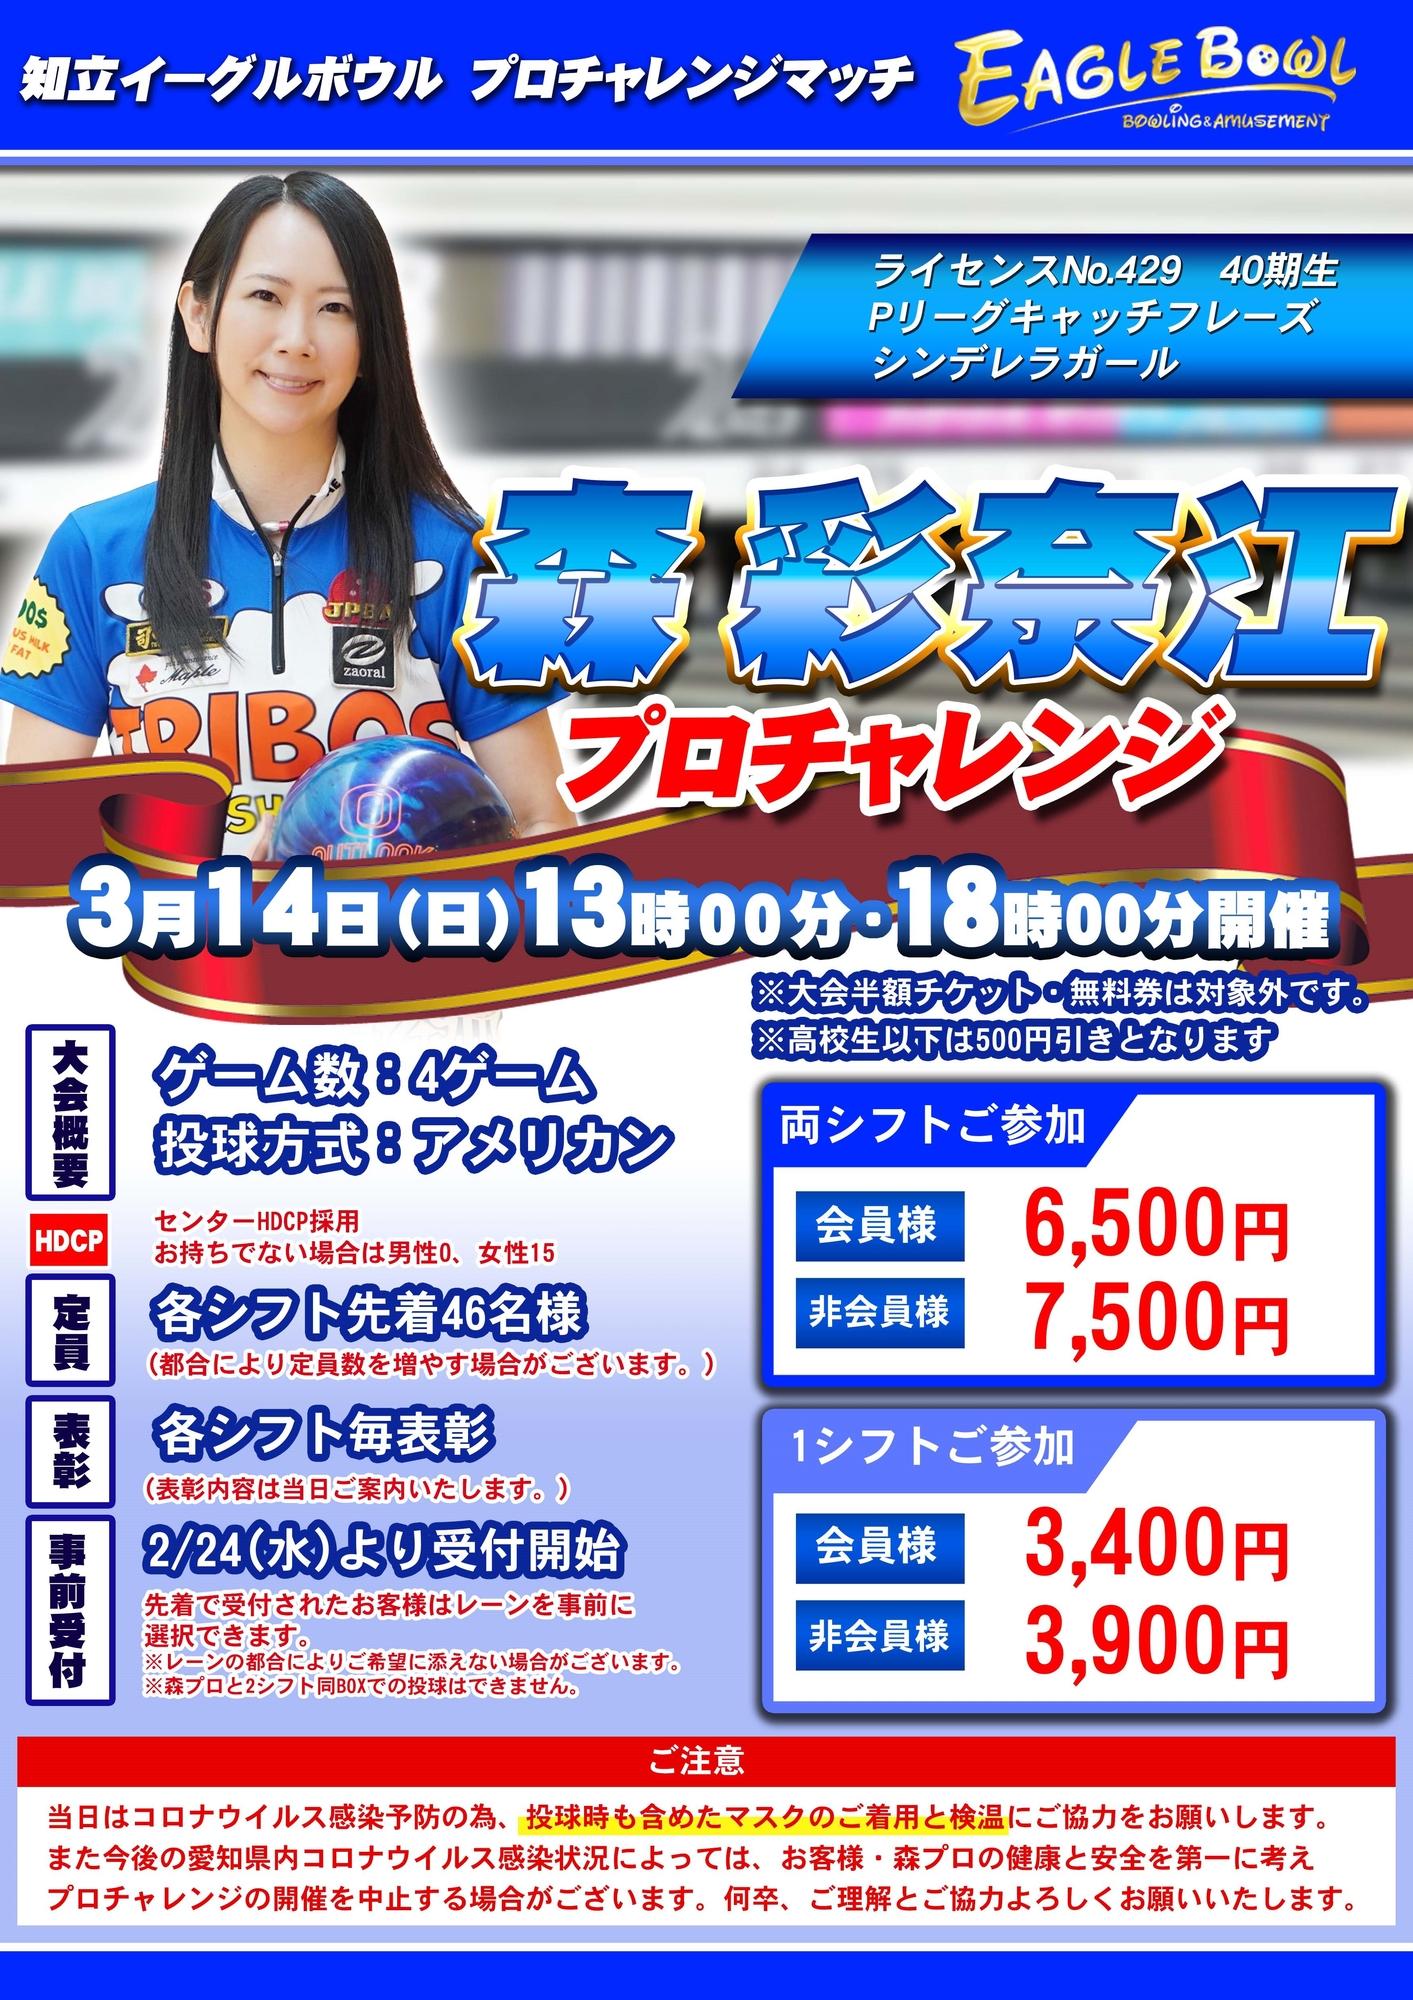 3/14 森彩奈江プロチャレンジ